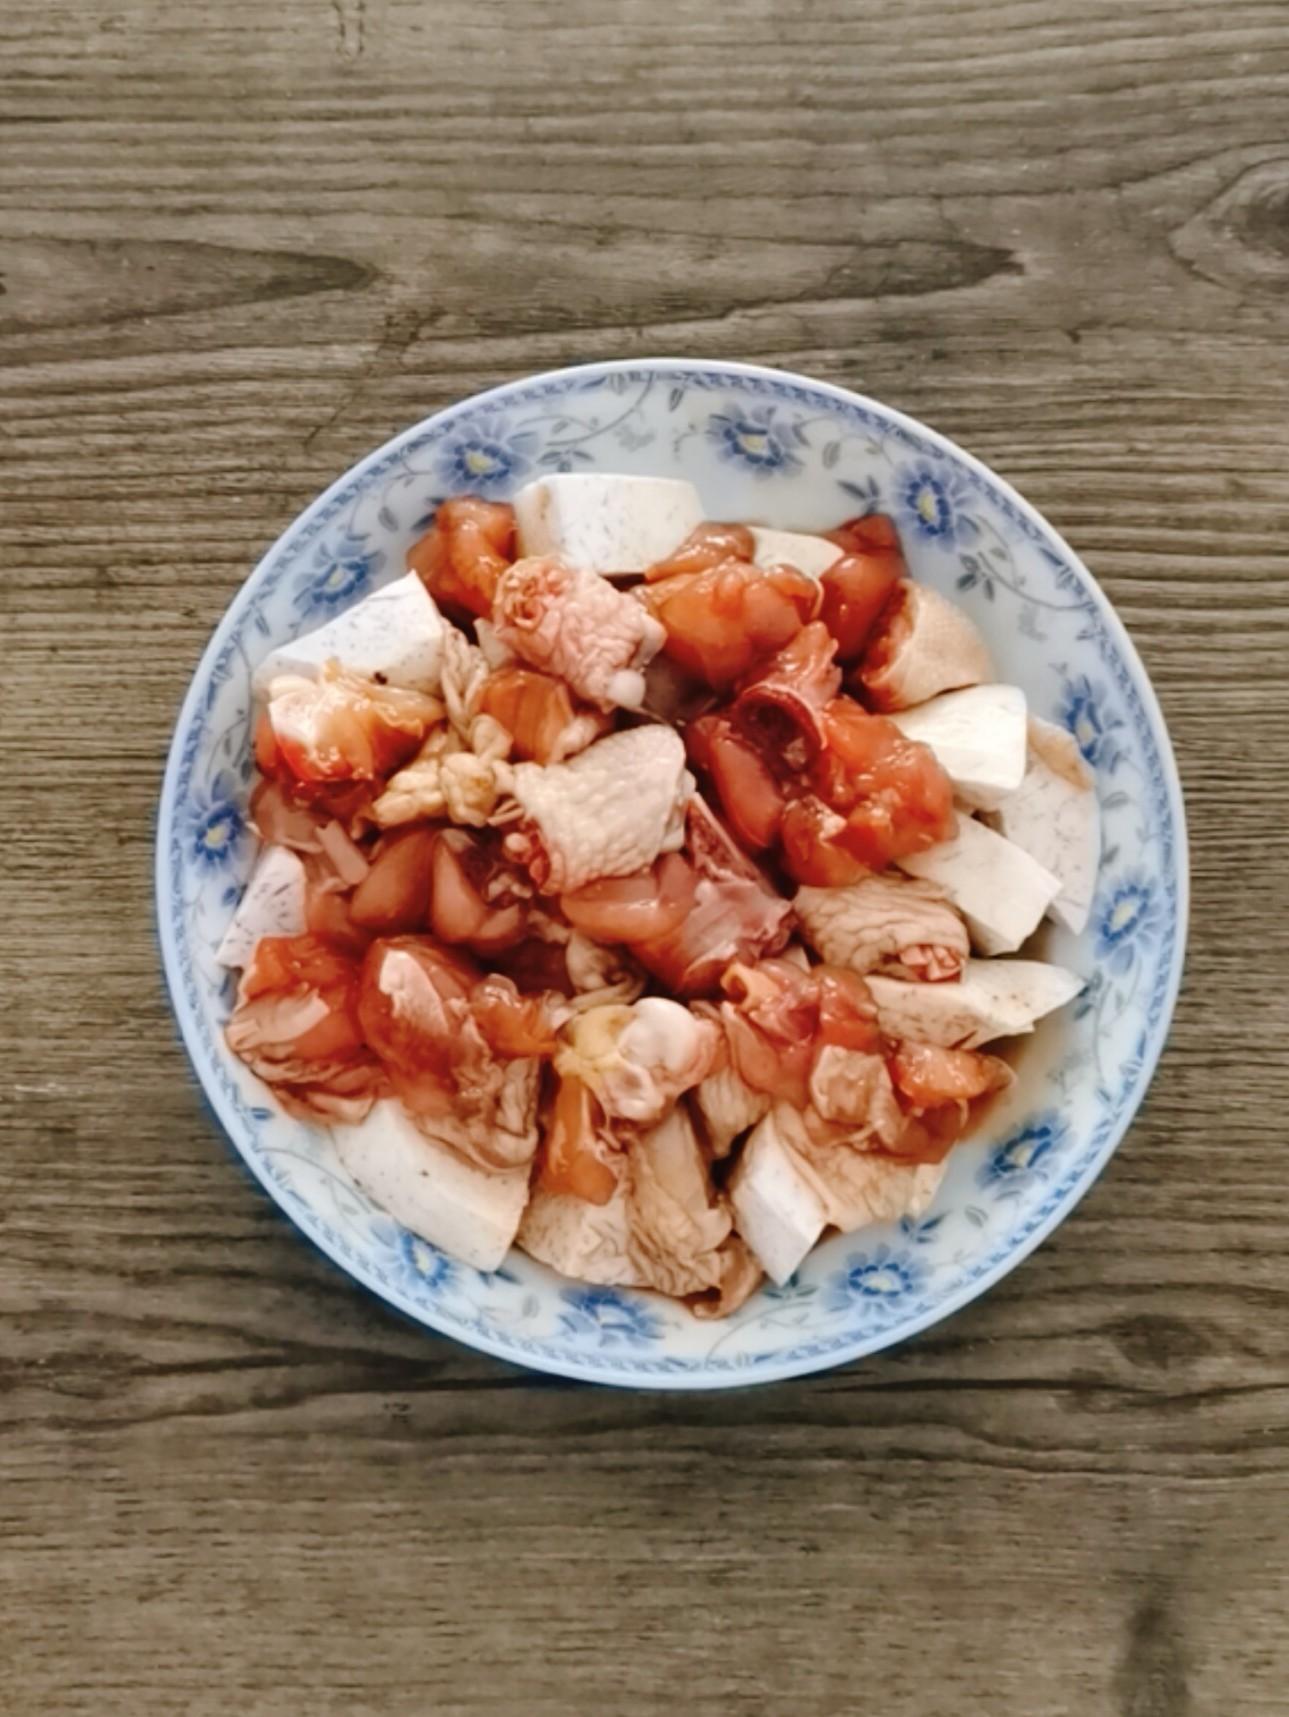 芋头蒸鸡怎么吃